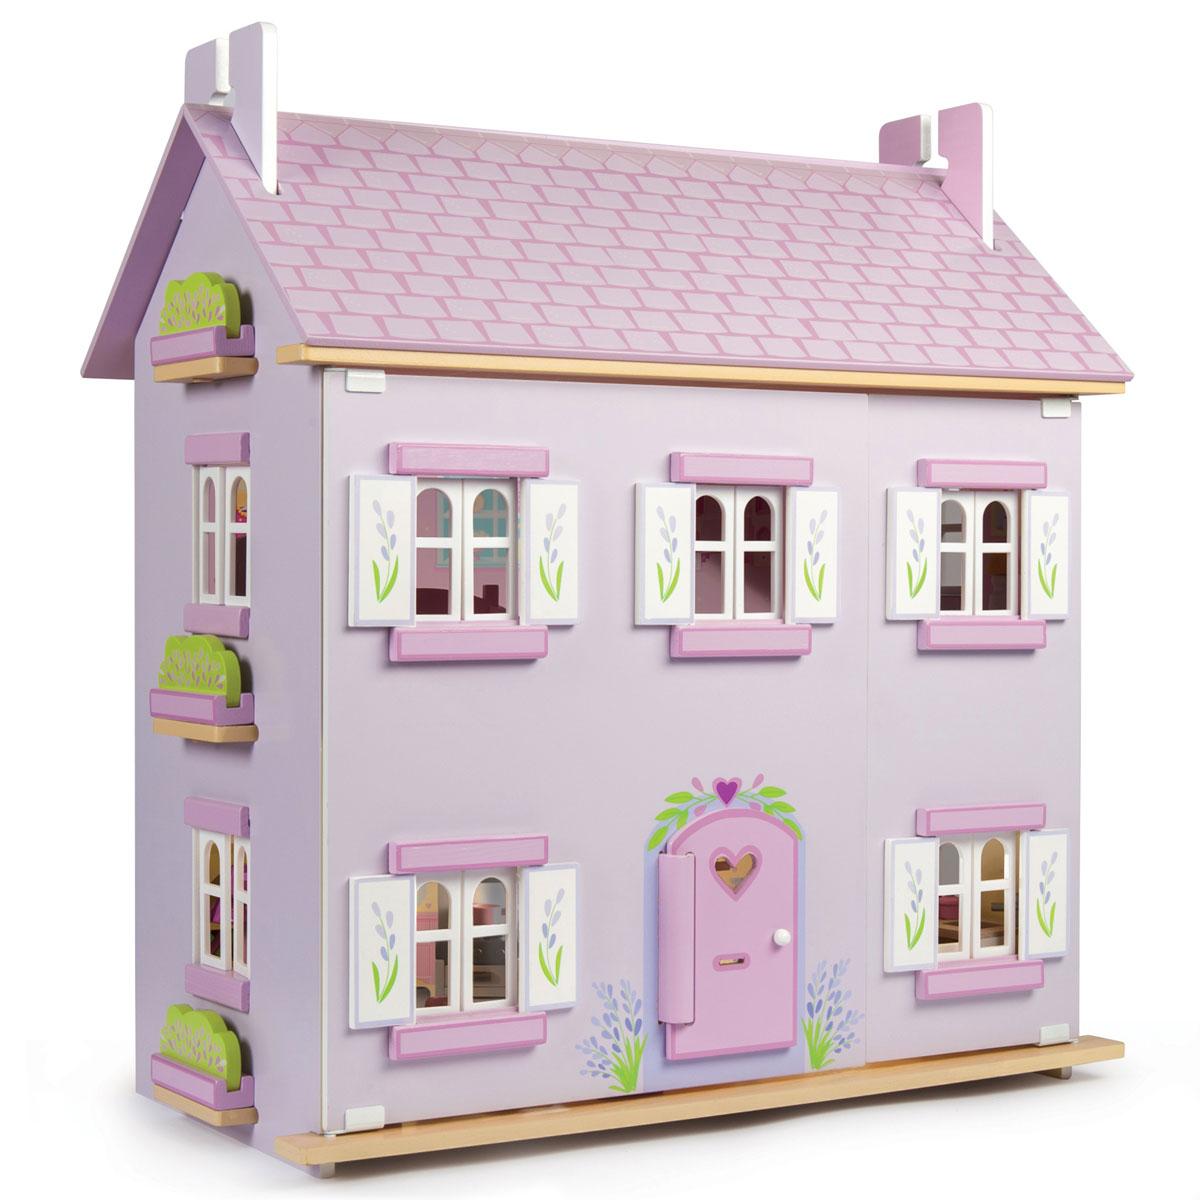 Le Toy Van Maison Lavande H108 Pirum